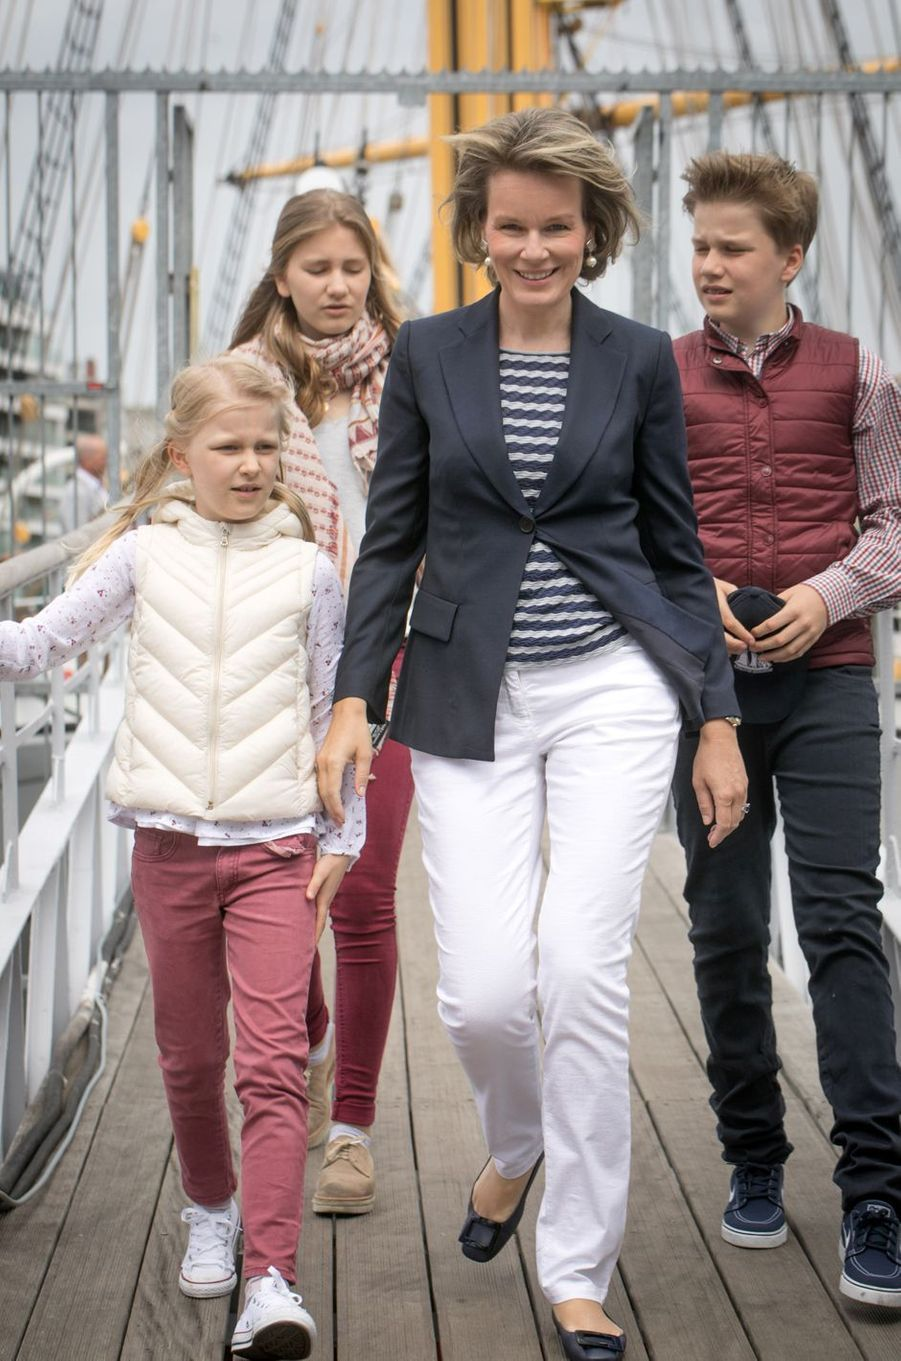 La reine Mathilde de Belgique avec le prince Gabriel et les princesses Elisabeth et Eléonore à Ostende, le 1er juillet 2017